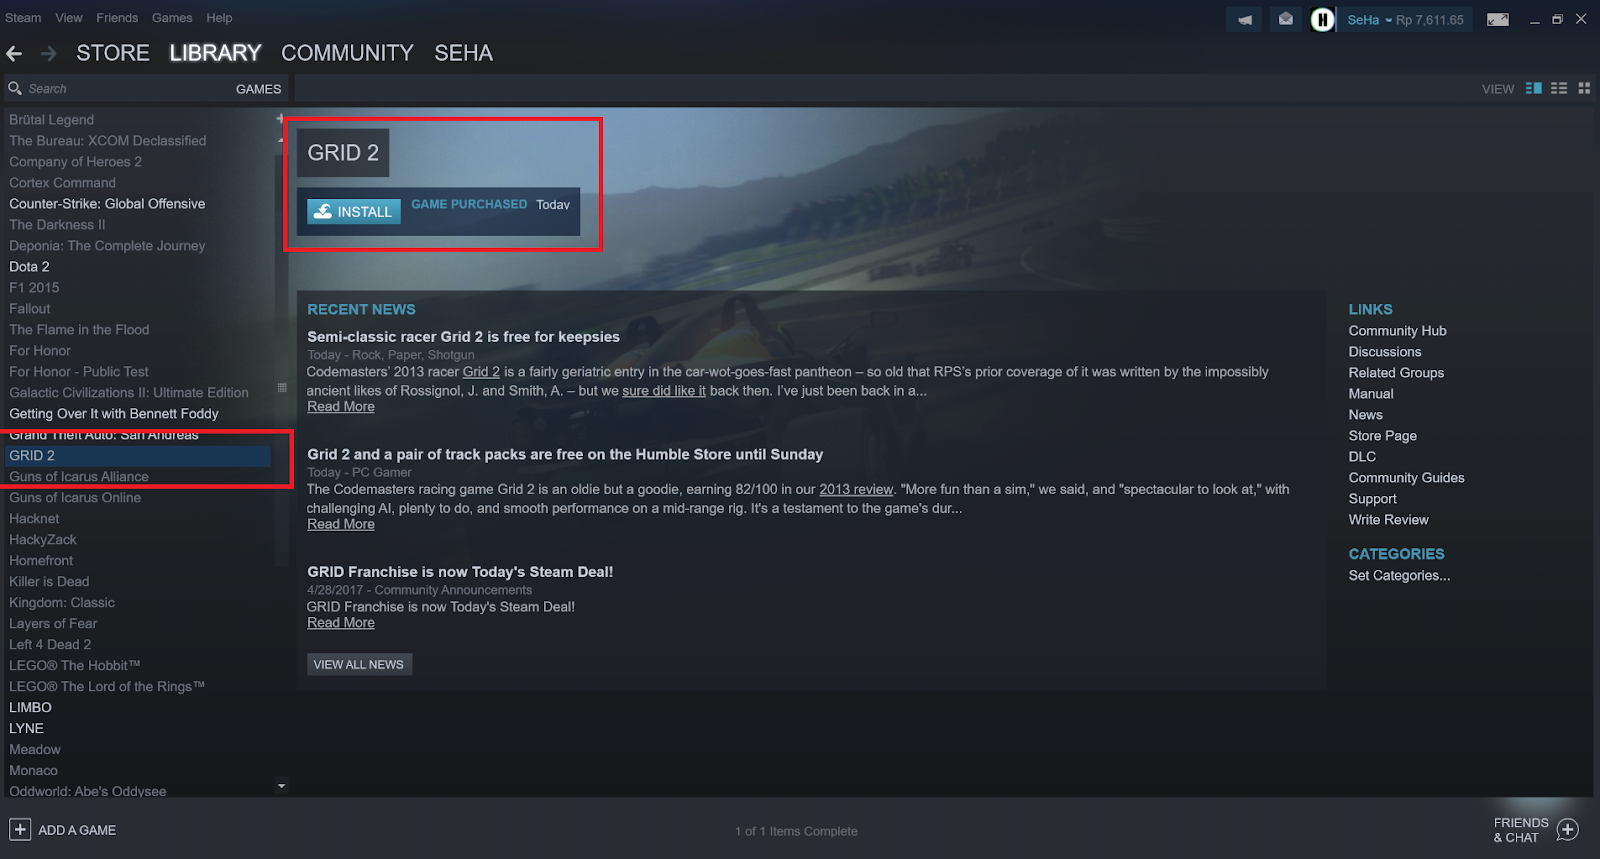 Begini Cara Mendapatkan Game di Steam Secara 100% Gratis